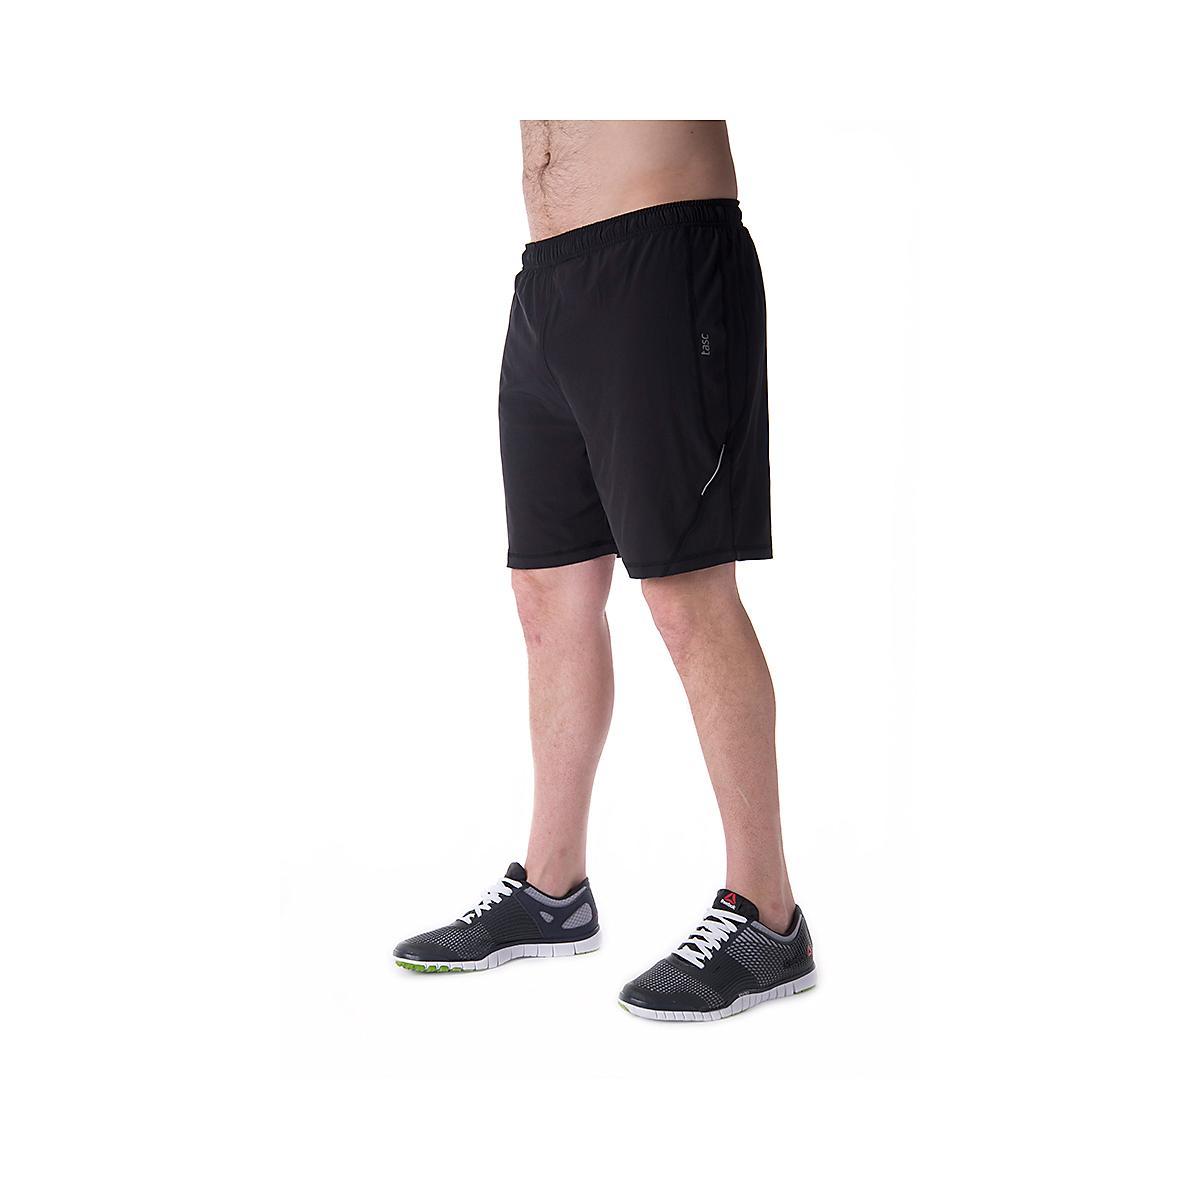 Men's Tasc Performance�Propulsion Short